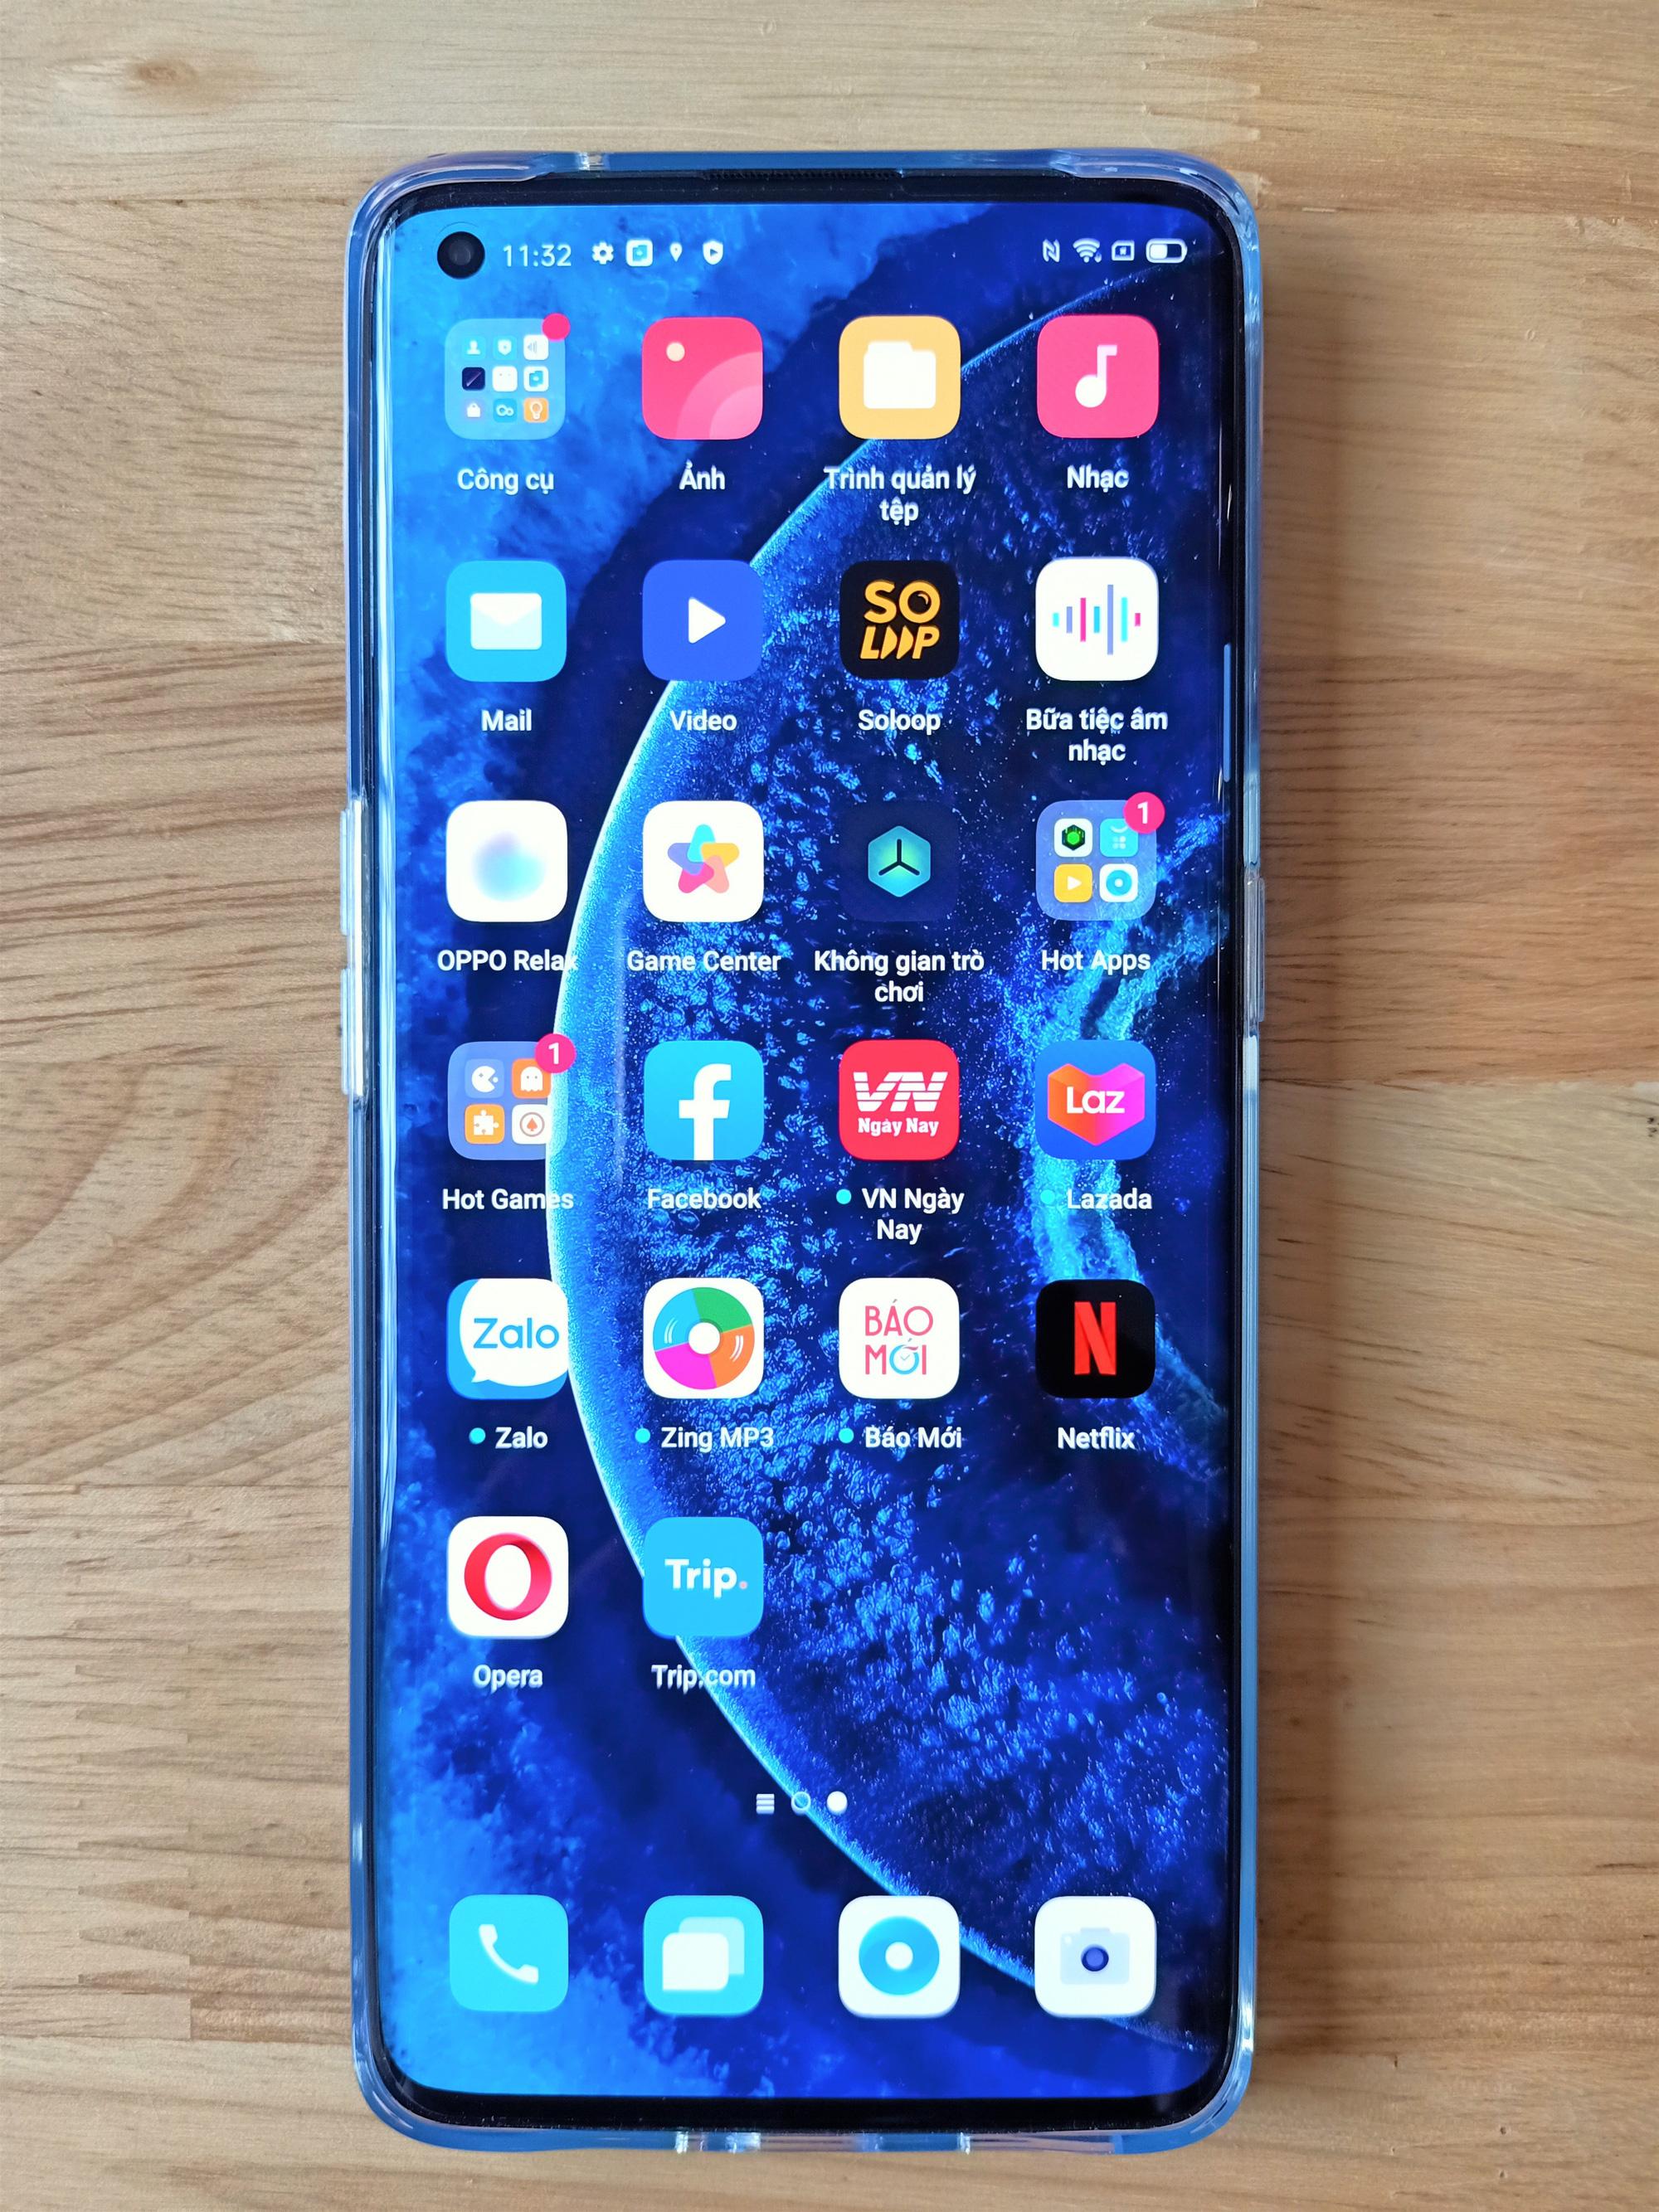 Điện thoại giảm giá tuần này: iPhone giảm nhẹ, Android có nhiều ưu đãi - Ảnh 2.